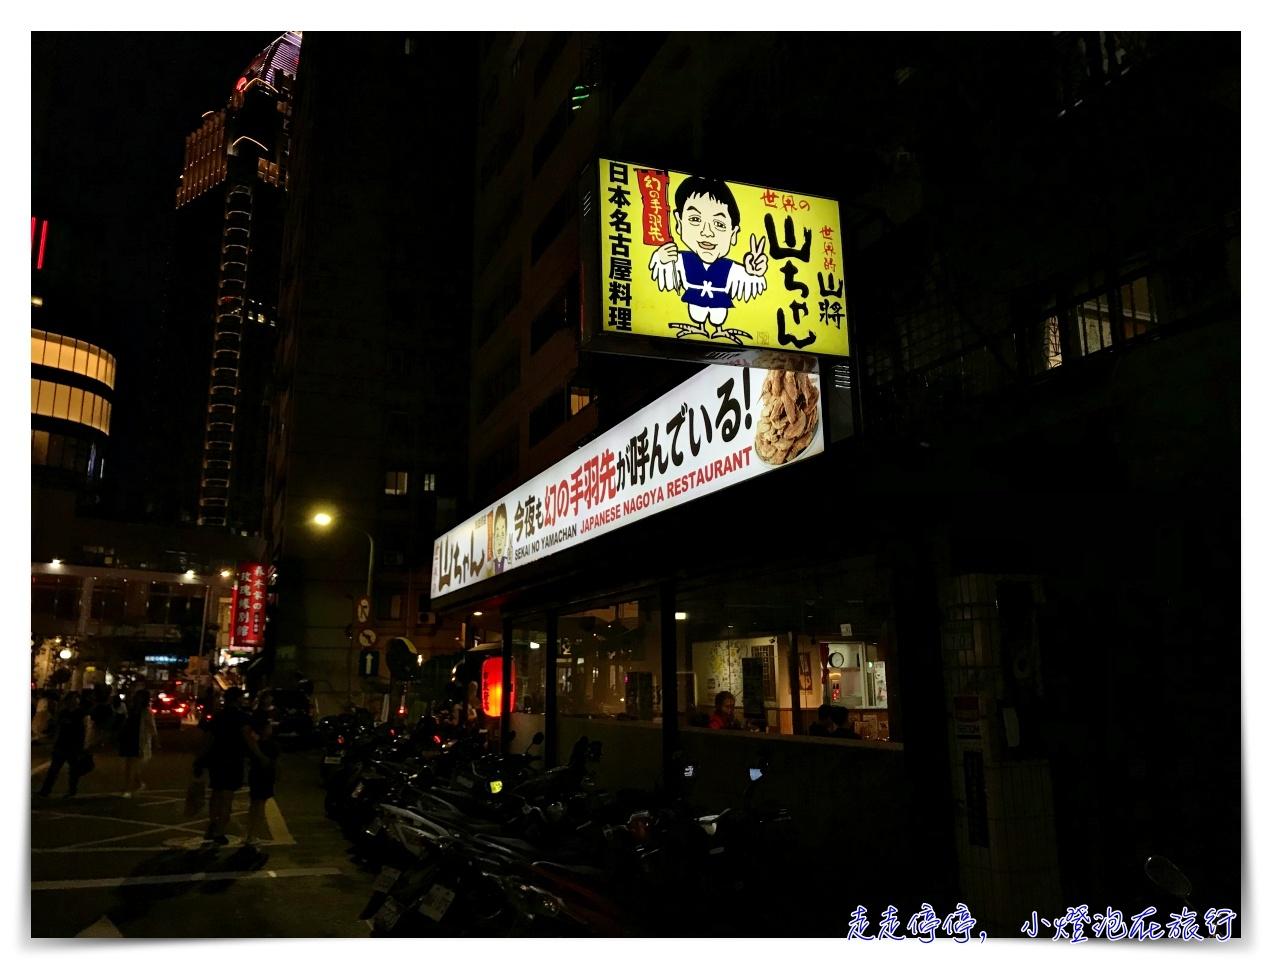 世界の山ちゃん夢幻手羽先|世界的山將夢幻雞翅,名古屋必吃超級美食,台北市政府店。無雷食物店家、一次吃掉35隻雞翅不困難~